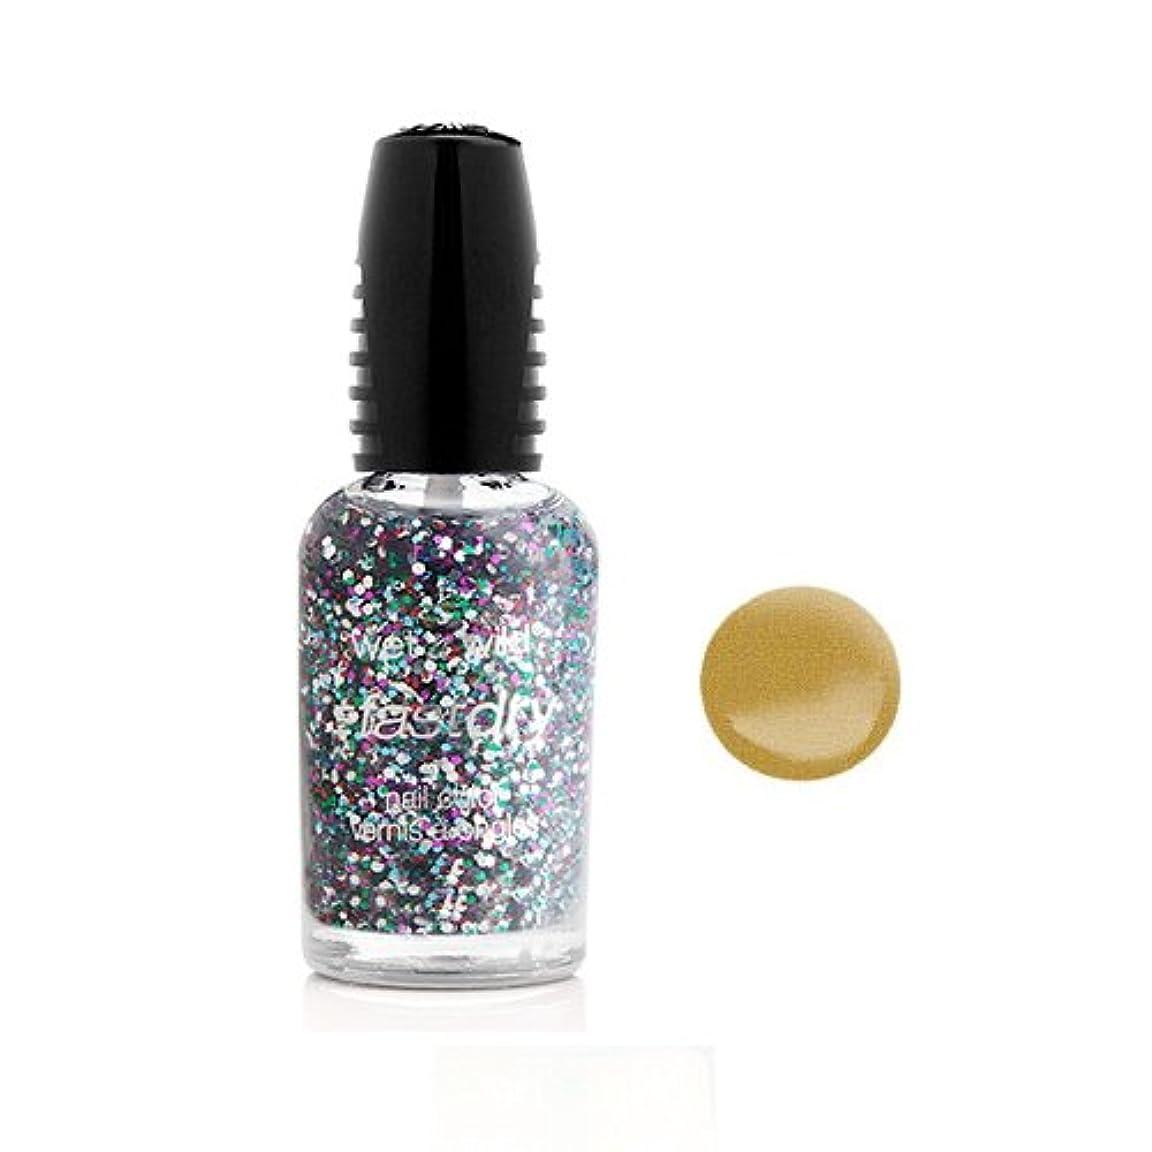 言い換えるとアーティスト歌うWET N WILD Fastdry Nail Color - The Gold & the Beautiful (並行輸入品)